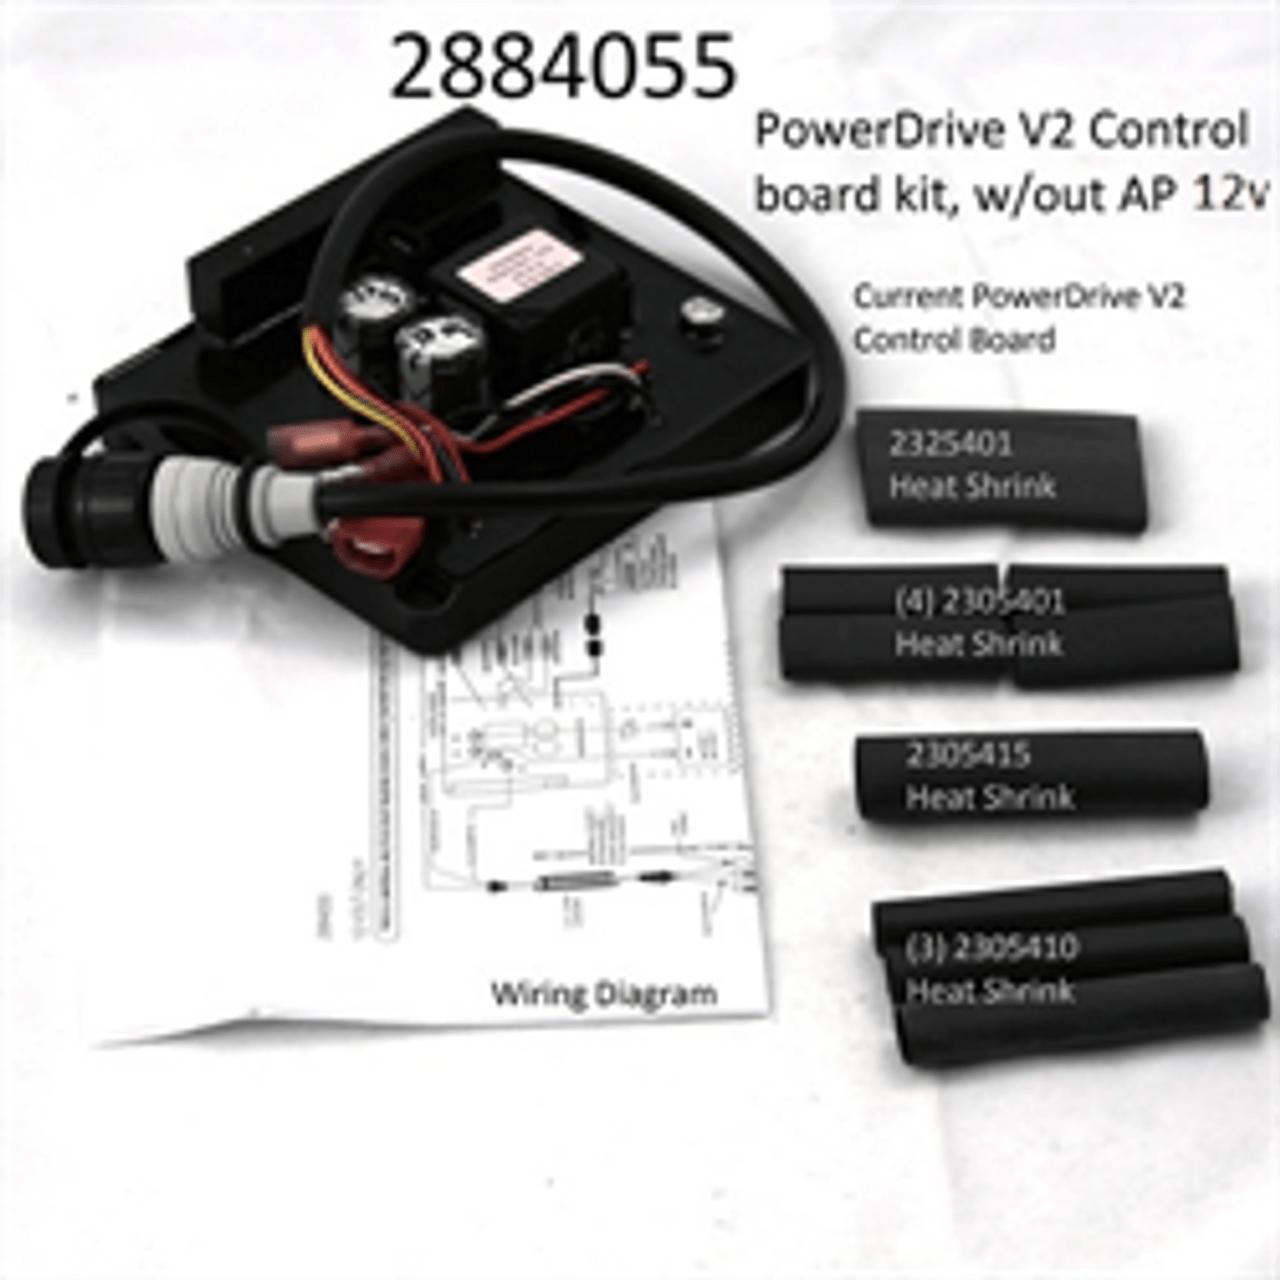 minn kota powerdrive v2 12vcontrol board without autopilot 2884055 [ 1280 x 1280 Pixel ]